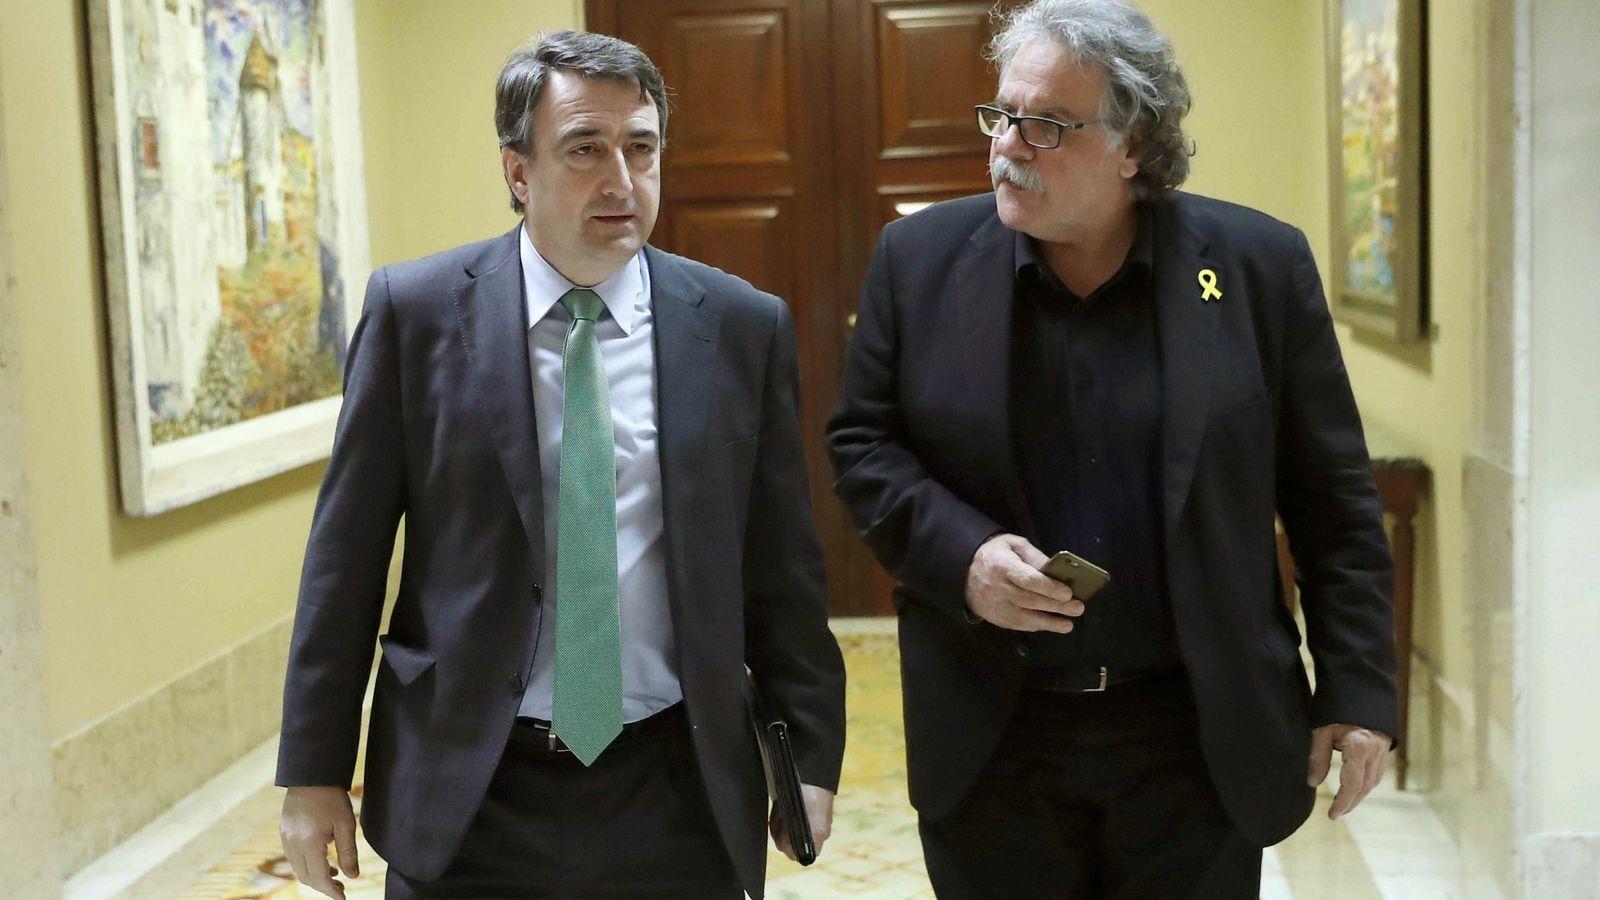 Foto: Los portavoces en el Congreso del PNV, Aitor Esteban, y de ERC, Joan Tardà. EFE Chema Moya